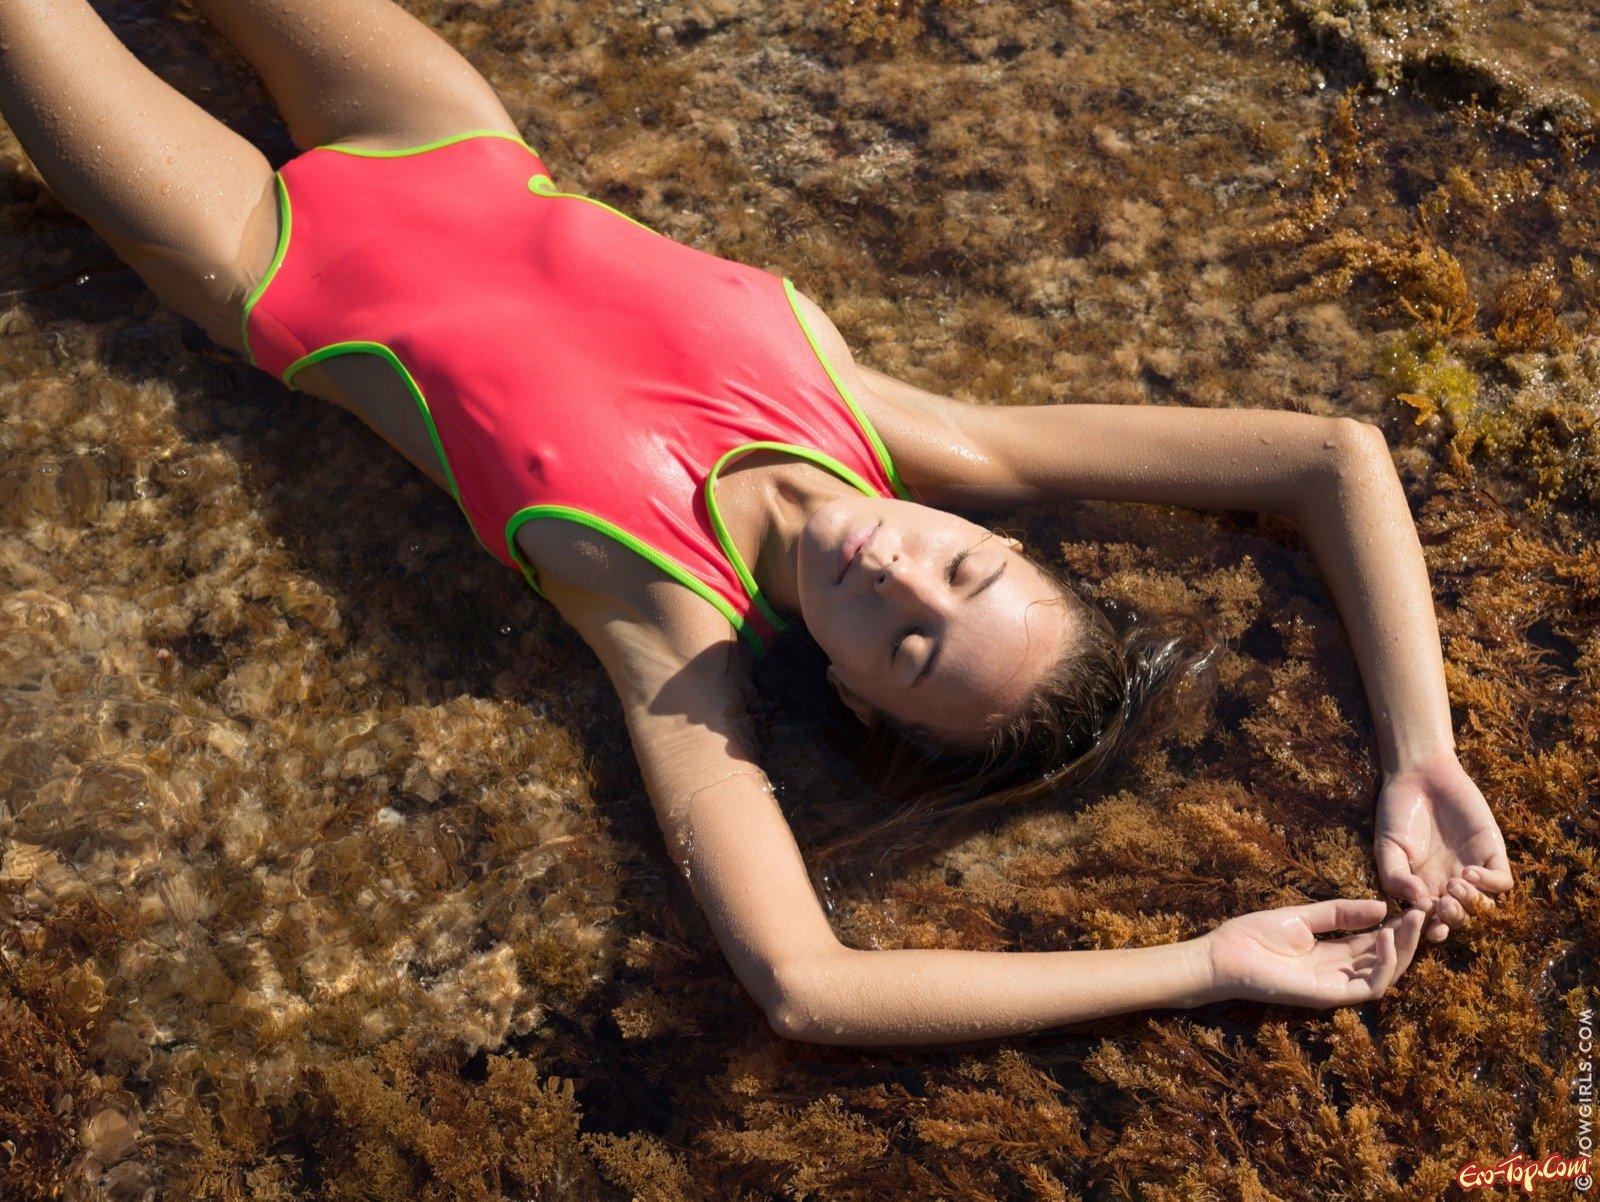 Симпатичная худышка купается в воде